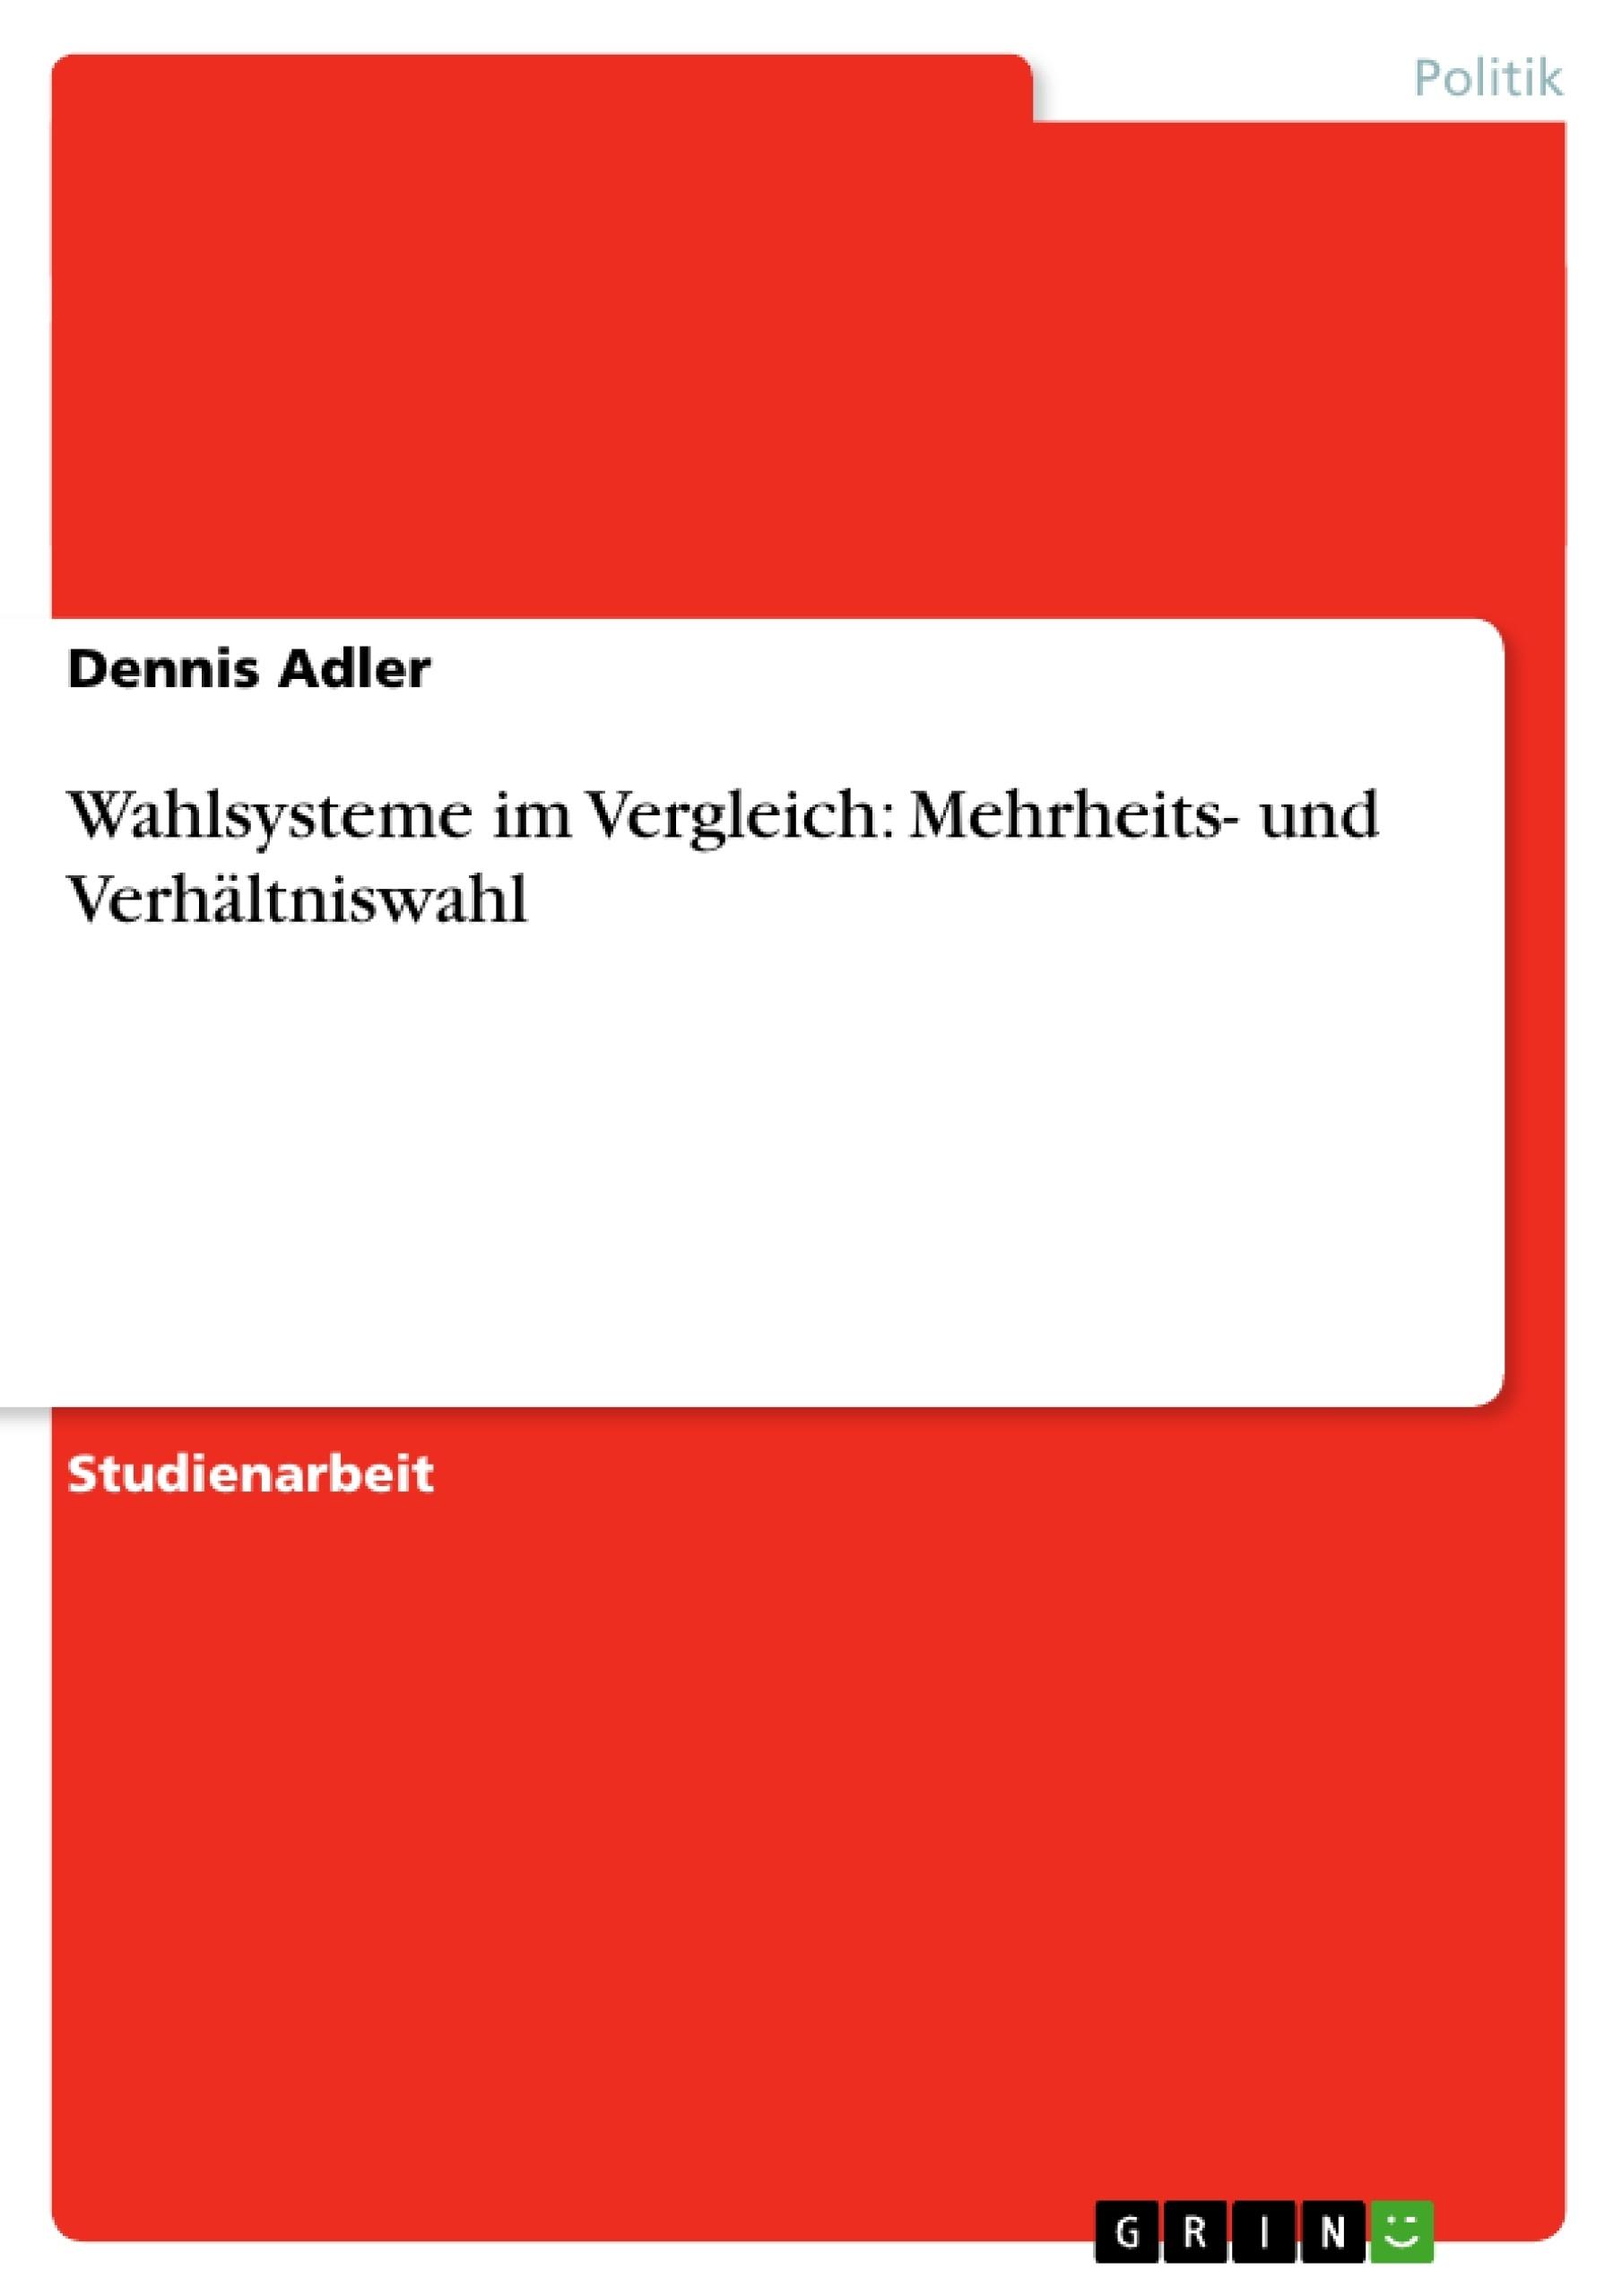 Titel: Wahlsysteme im Vergleich: Mehrheits- und Verhältniswahl